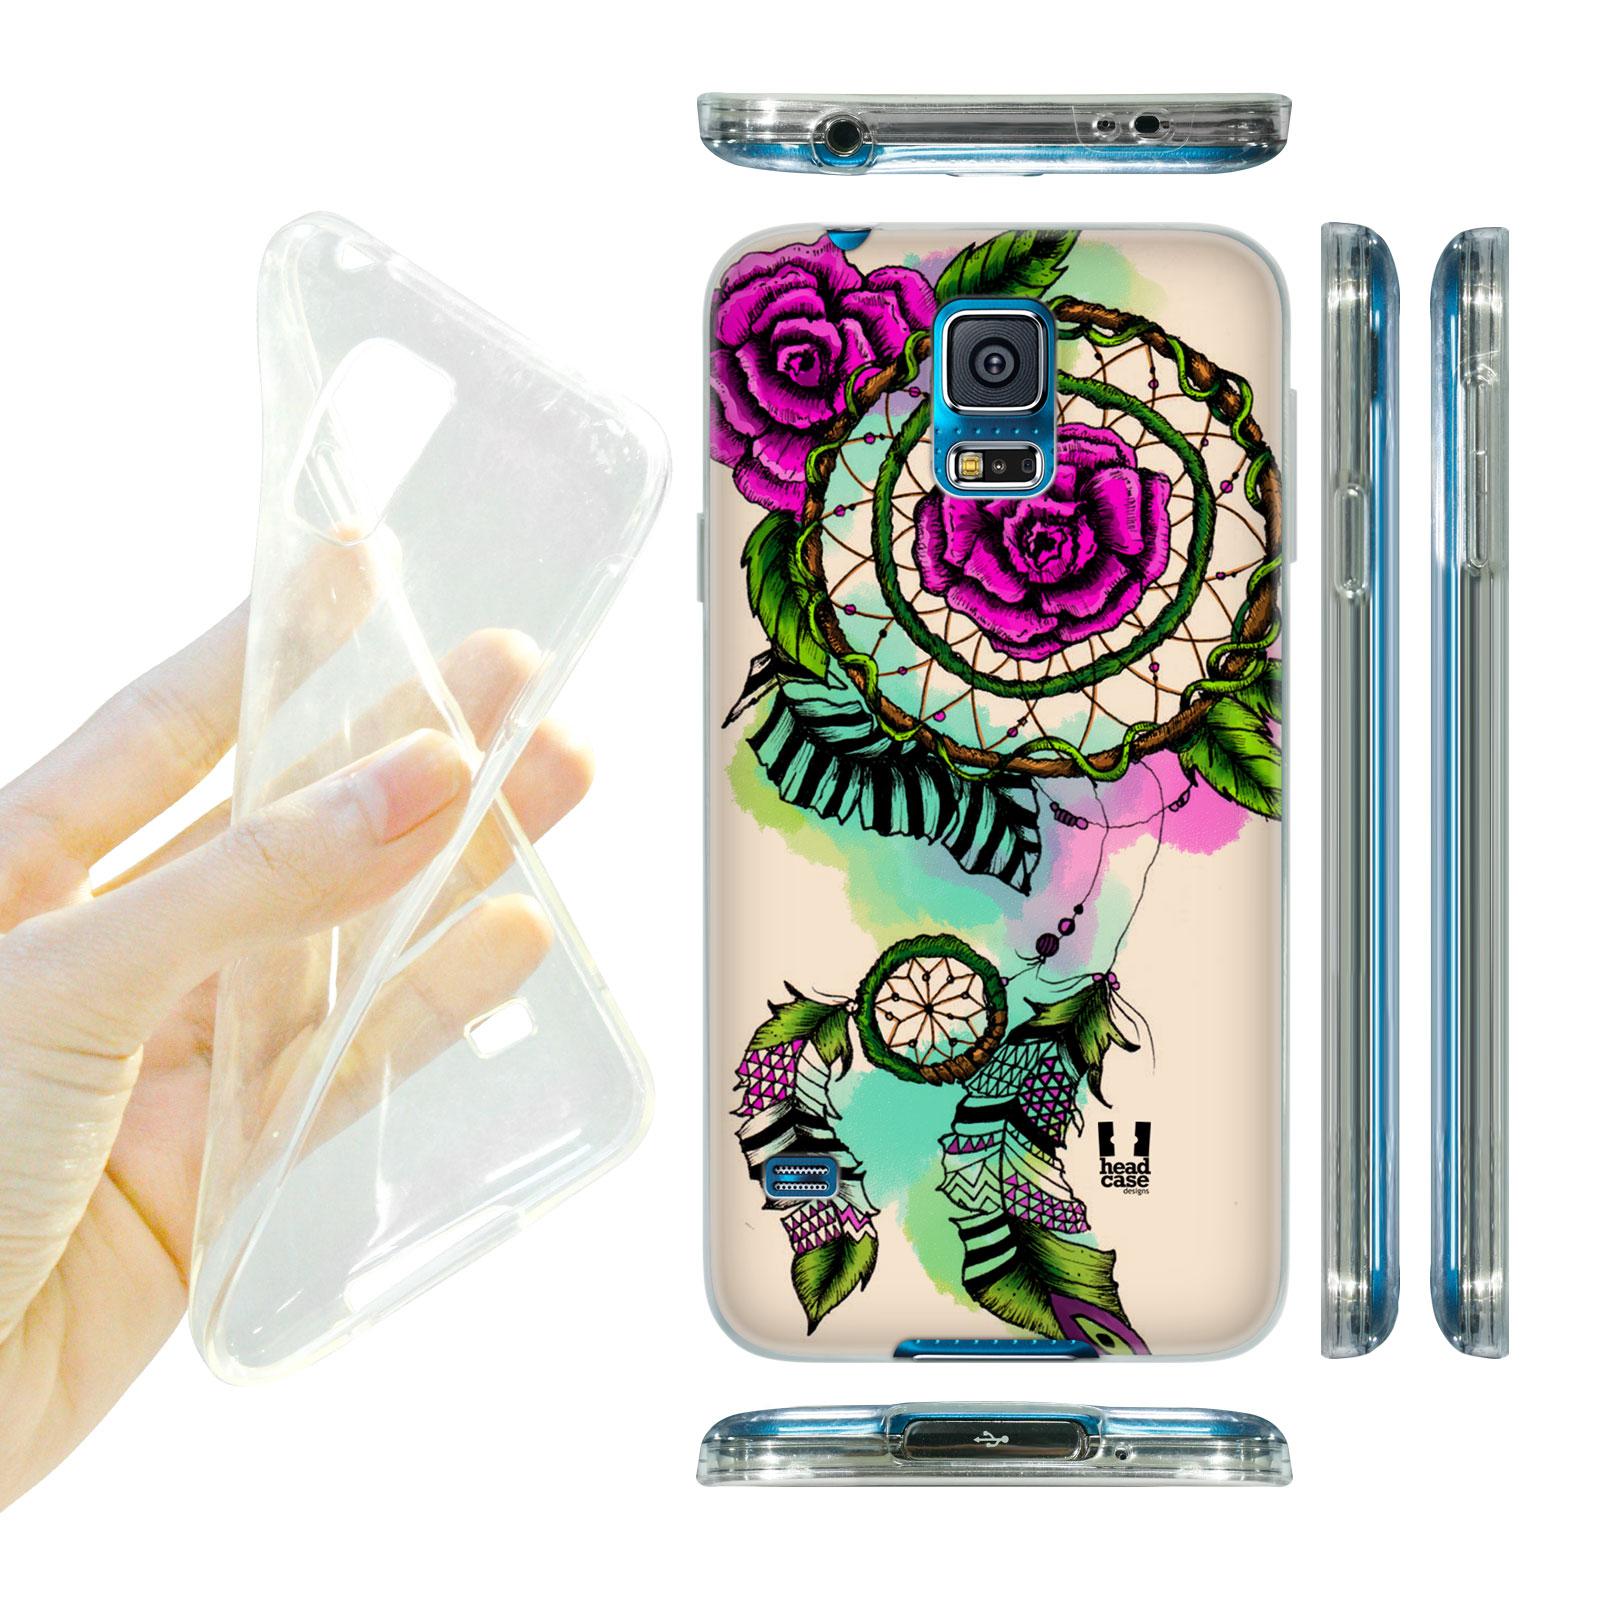 HEAD CASE silikonový obal na mobil Samsung galaxy S5 lapač snů květina růžová